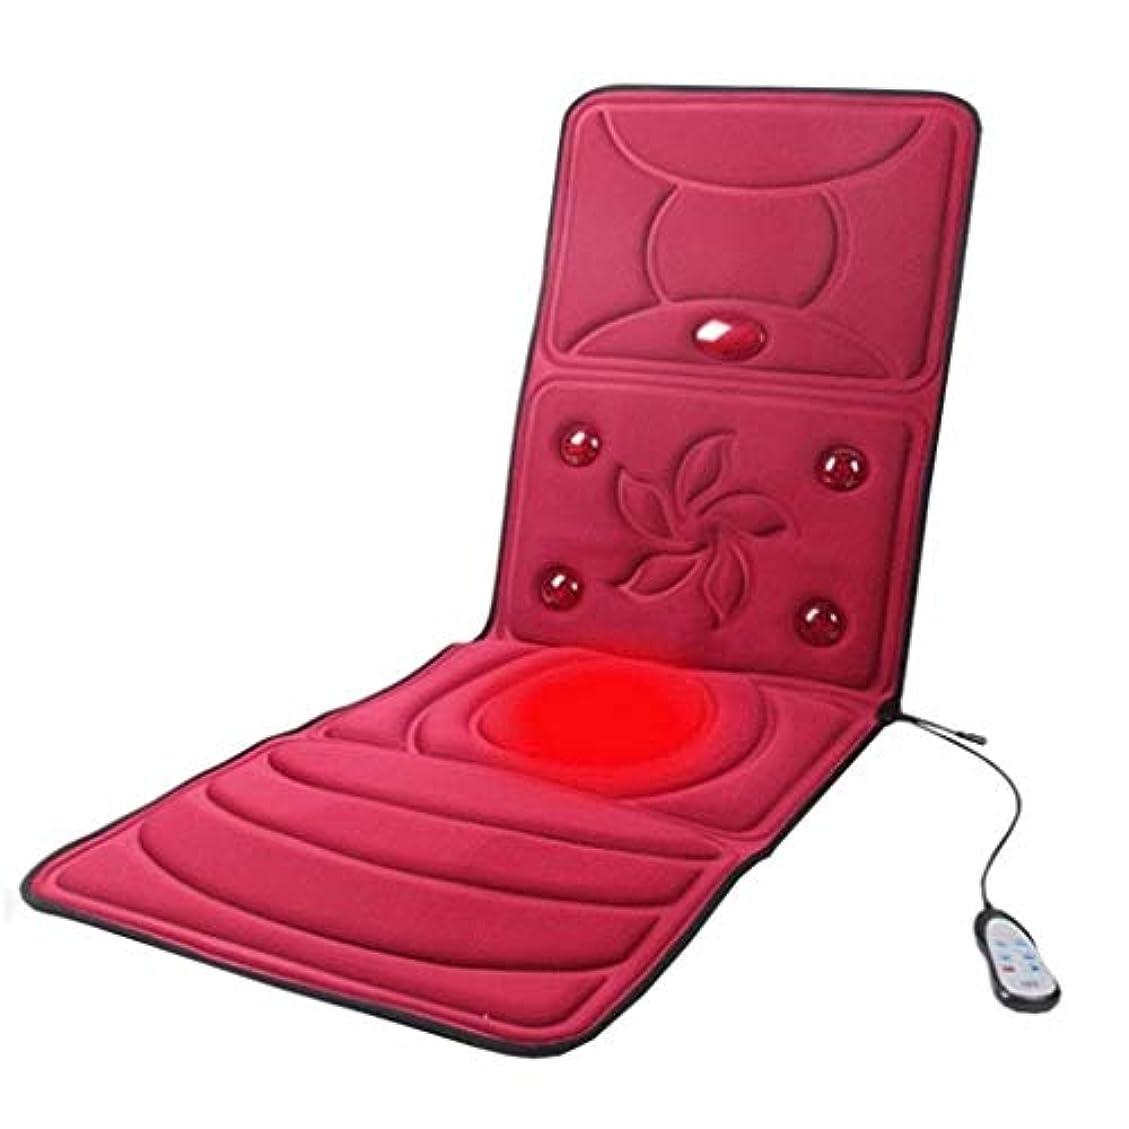 百科事典形状落ち着くマッサージクッション、折り畳み式フルボディマッサージマットレス、首と肩用の多機能加熱/振動マッサージパッド、ストレス/痛み166 * 58cmを和らげます